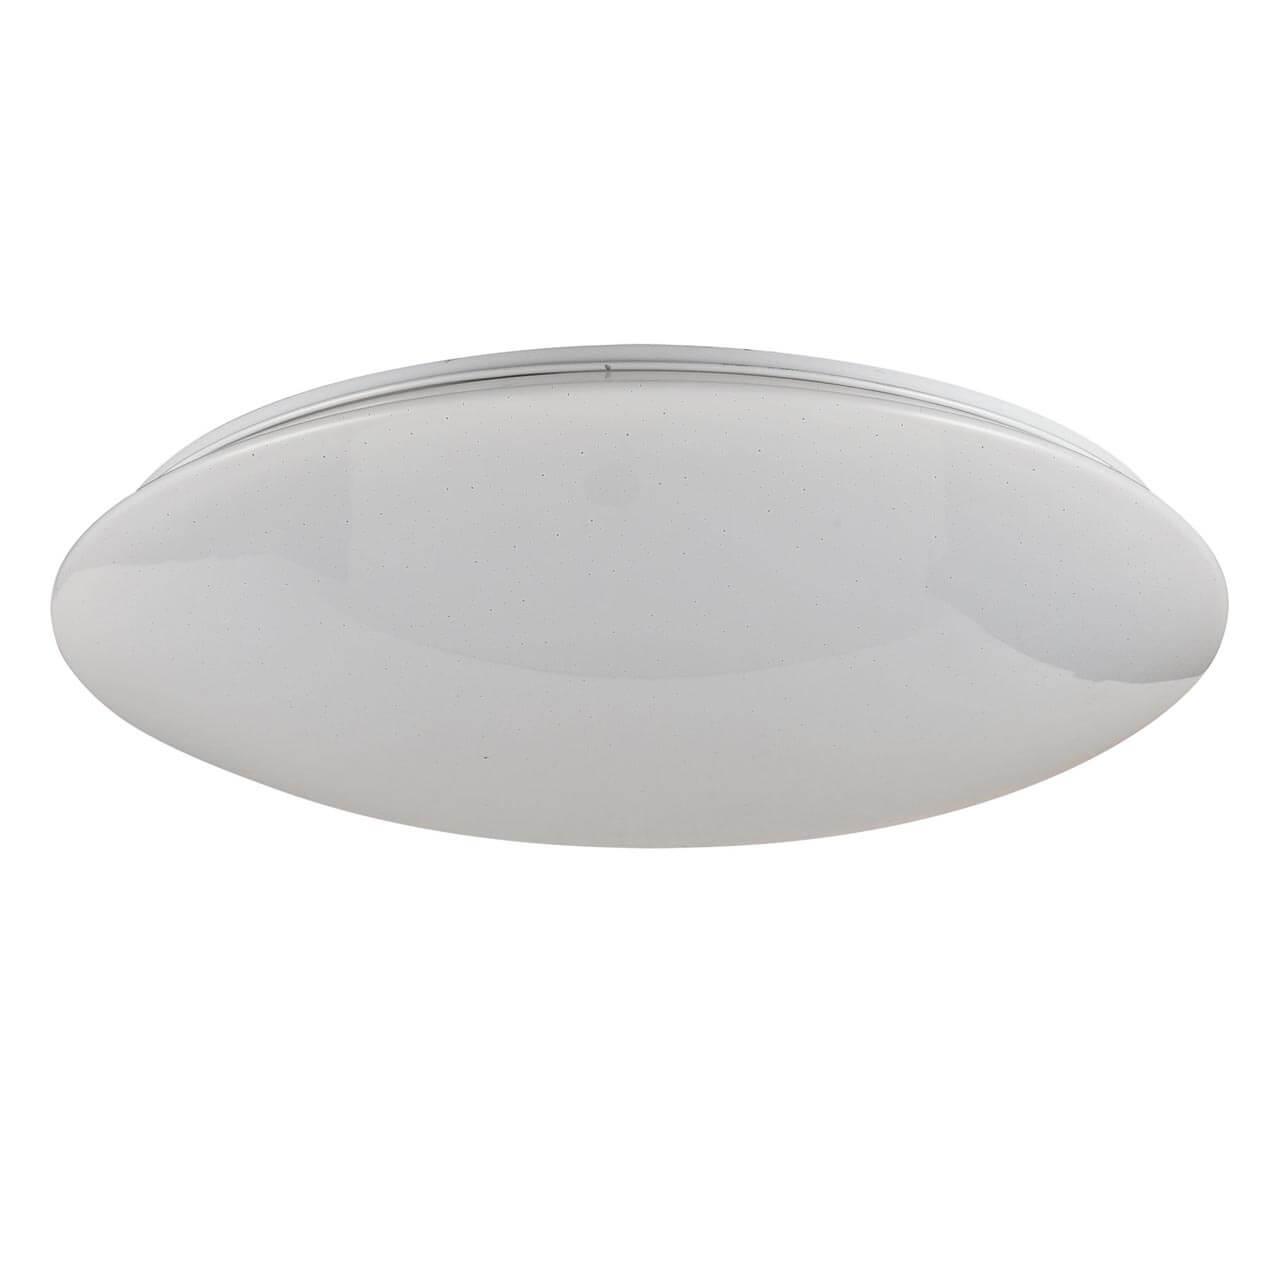 Потолочный светильник Freya FR6999-CL-45-W, белый накладной светильник gloria fr6999 cl 30 w